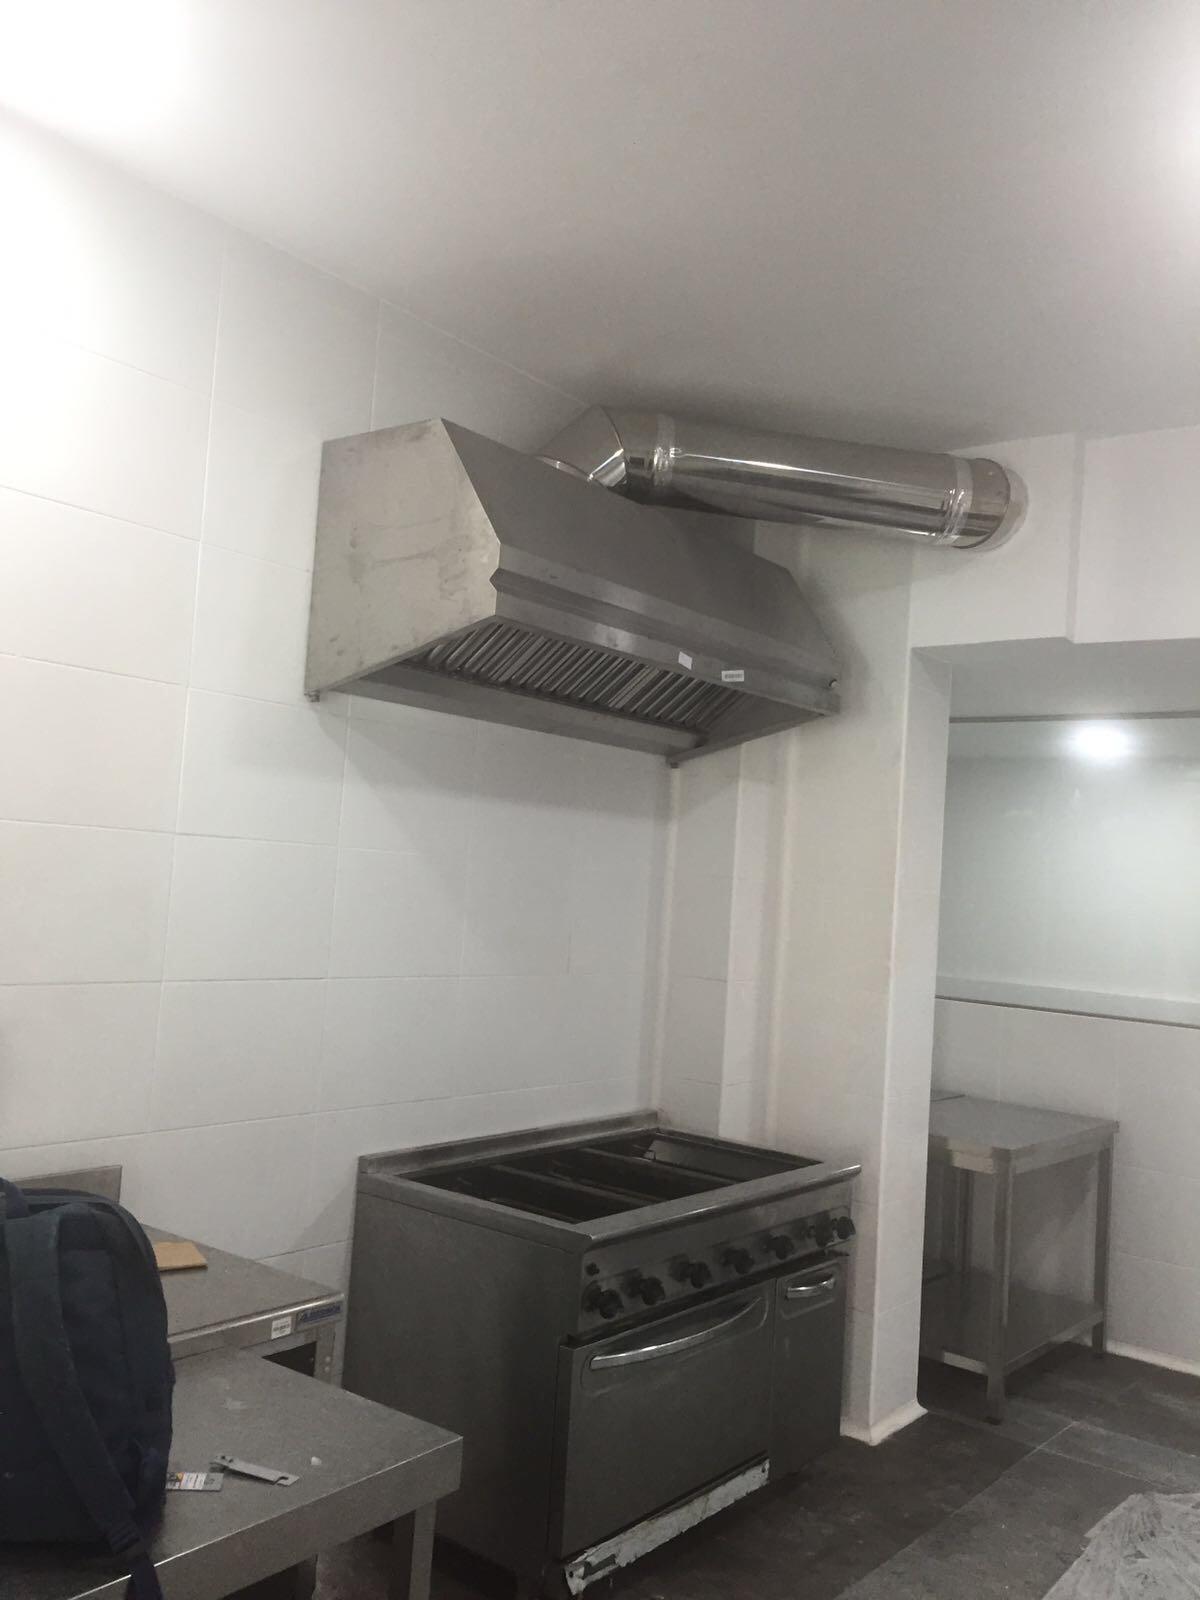 Tubos de acero inoxidable aislados y de doble capa - Extraccion de humos y ventilacion de cocinas ...